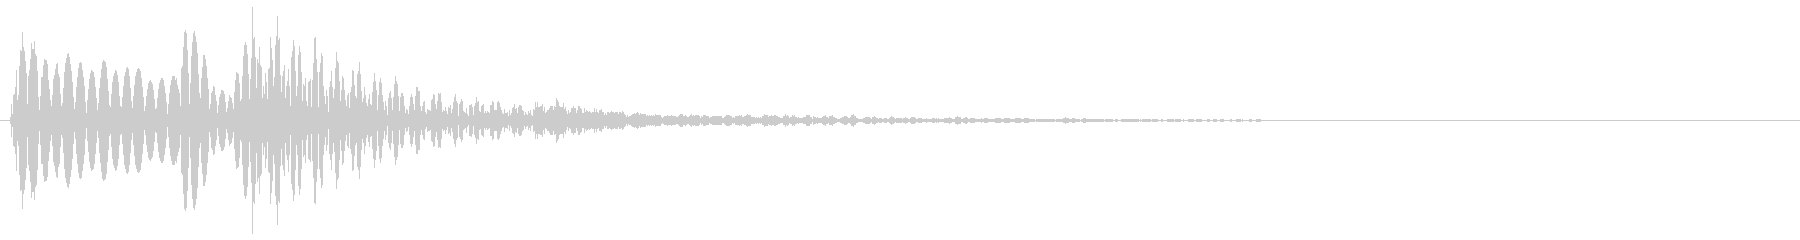 ポカッキララ(どろん・マジック・召喚)の未再生の波形